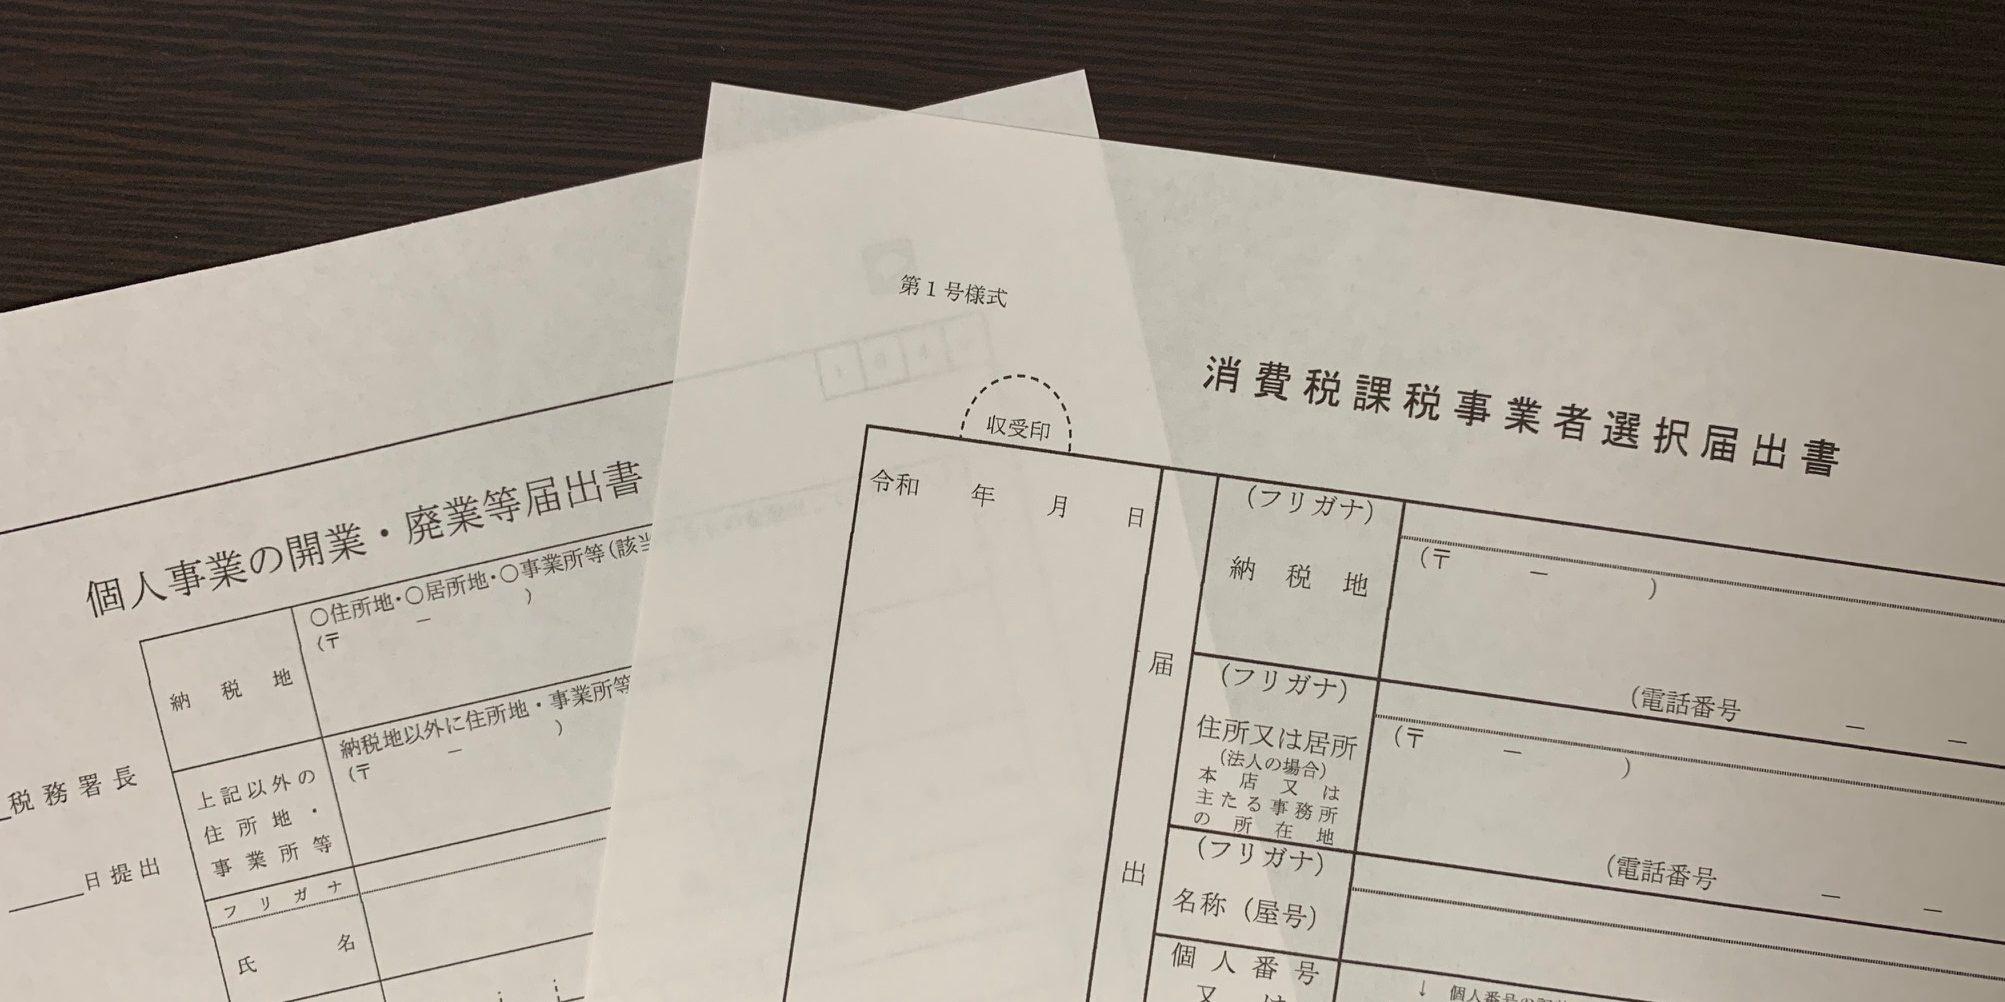 川越市 個人事業開始申告書